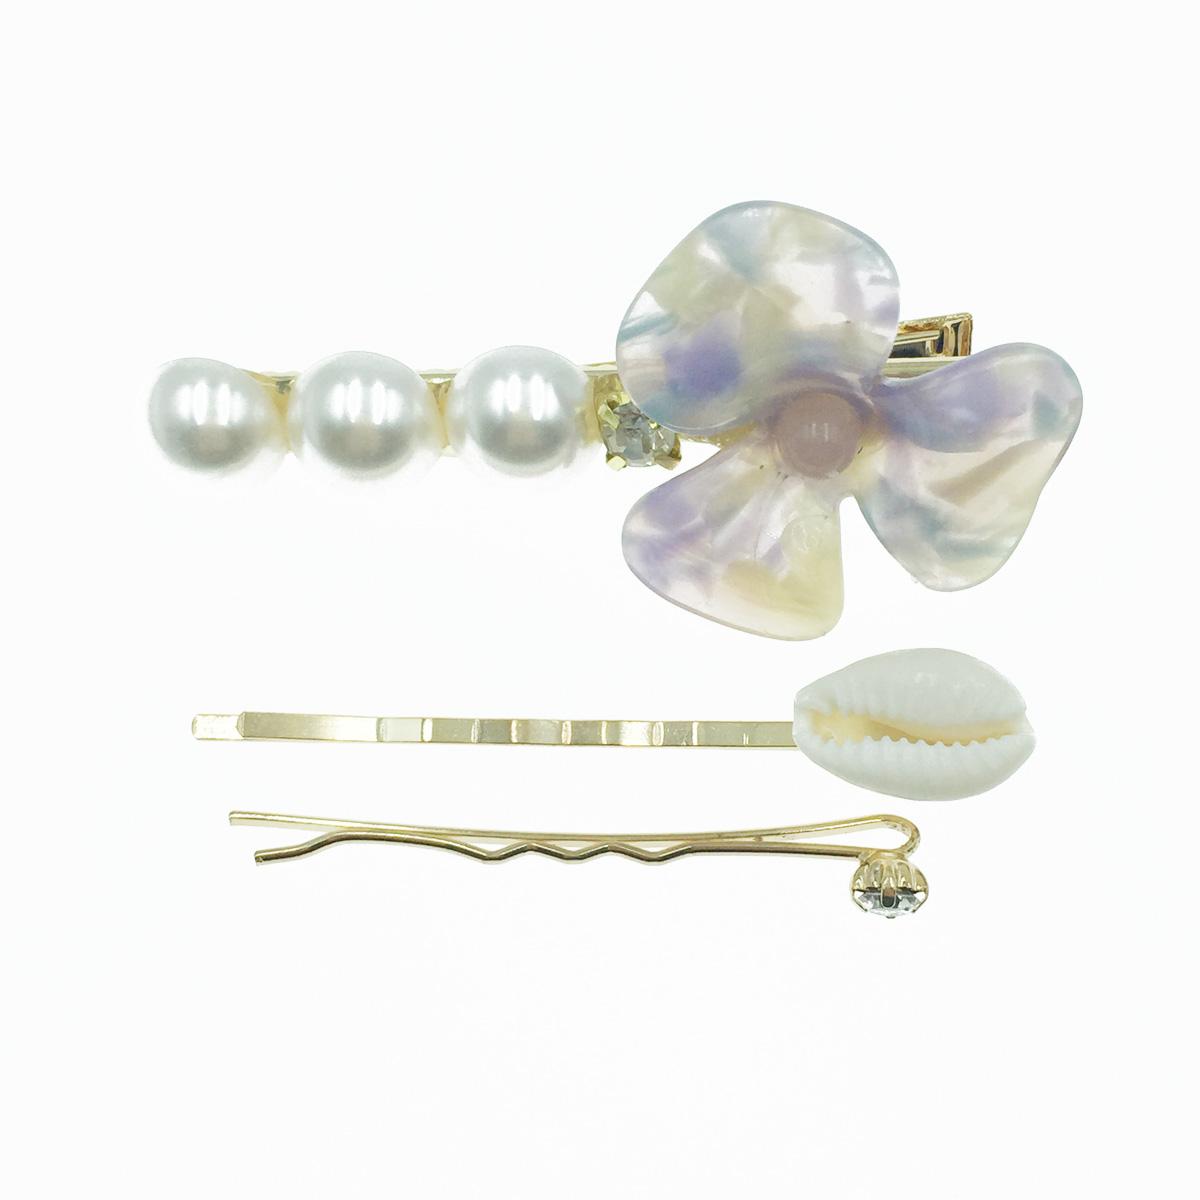 韓國 花 珍珠 水鑽 貝殼 3入組 髮飾 髮夾 線夾 壓夾